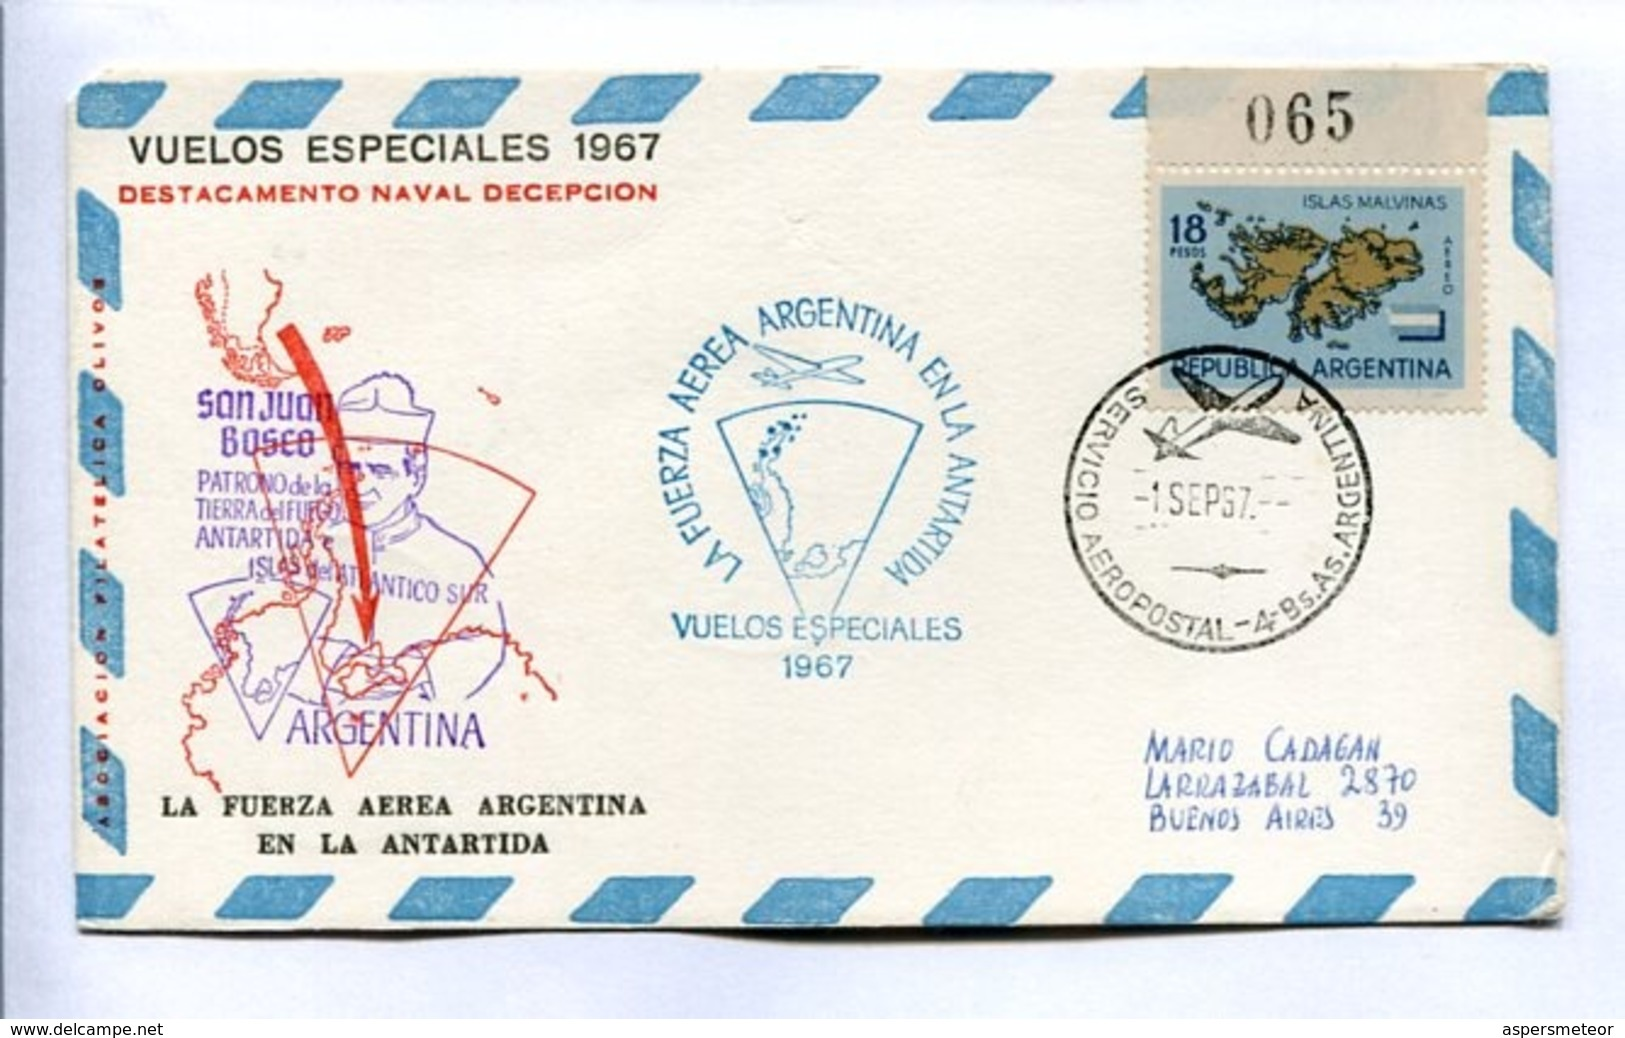 VUELOS ESPECIALES - DESTACAMENTO NAVAL DECEPCIÓN. FUERZA AEREA ARGENTINA EN LA ANTÁRTIDA. 1967 CARTE PAR AVION -LILHU - Polar Flights